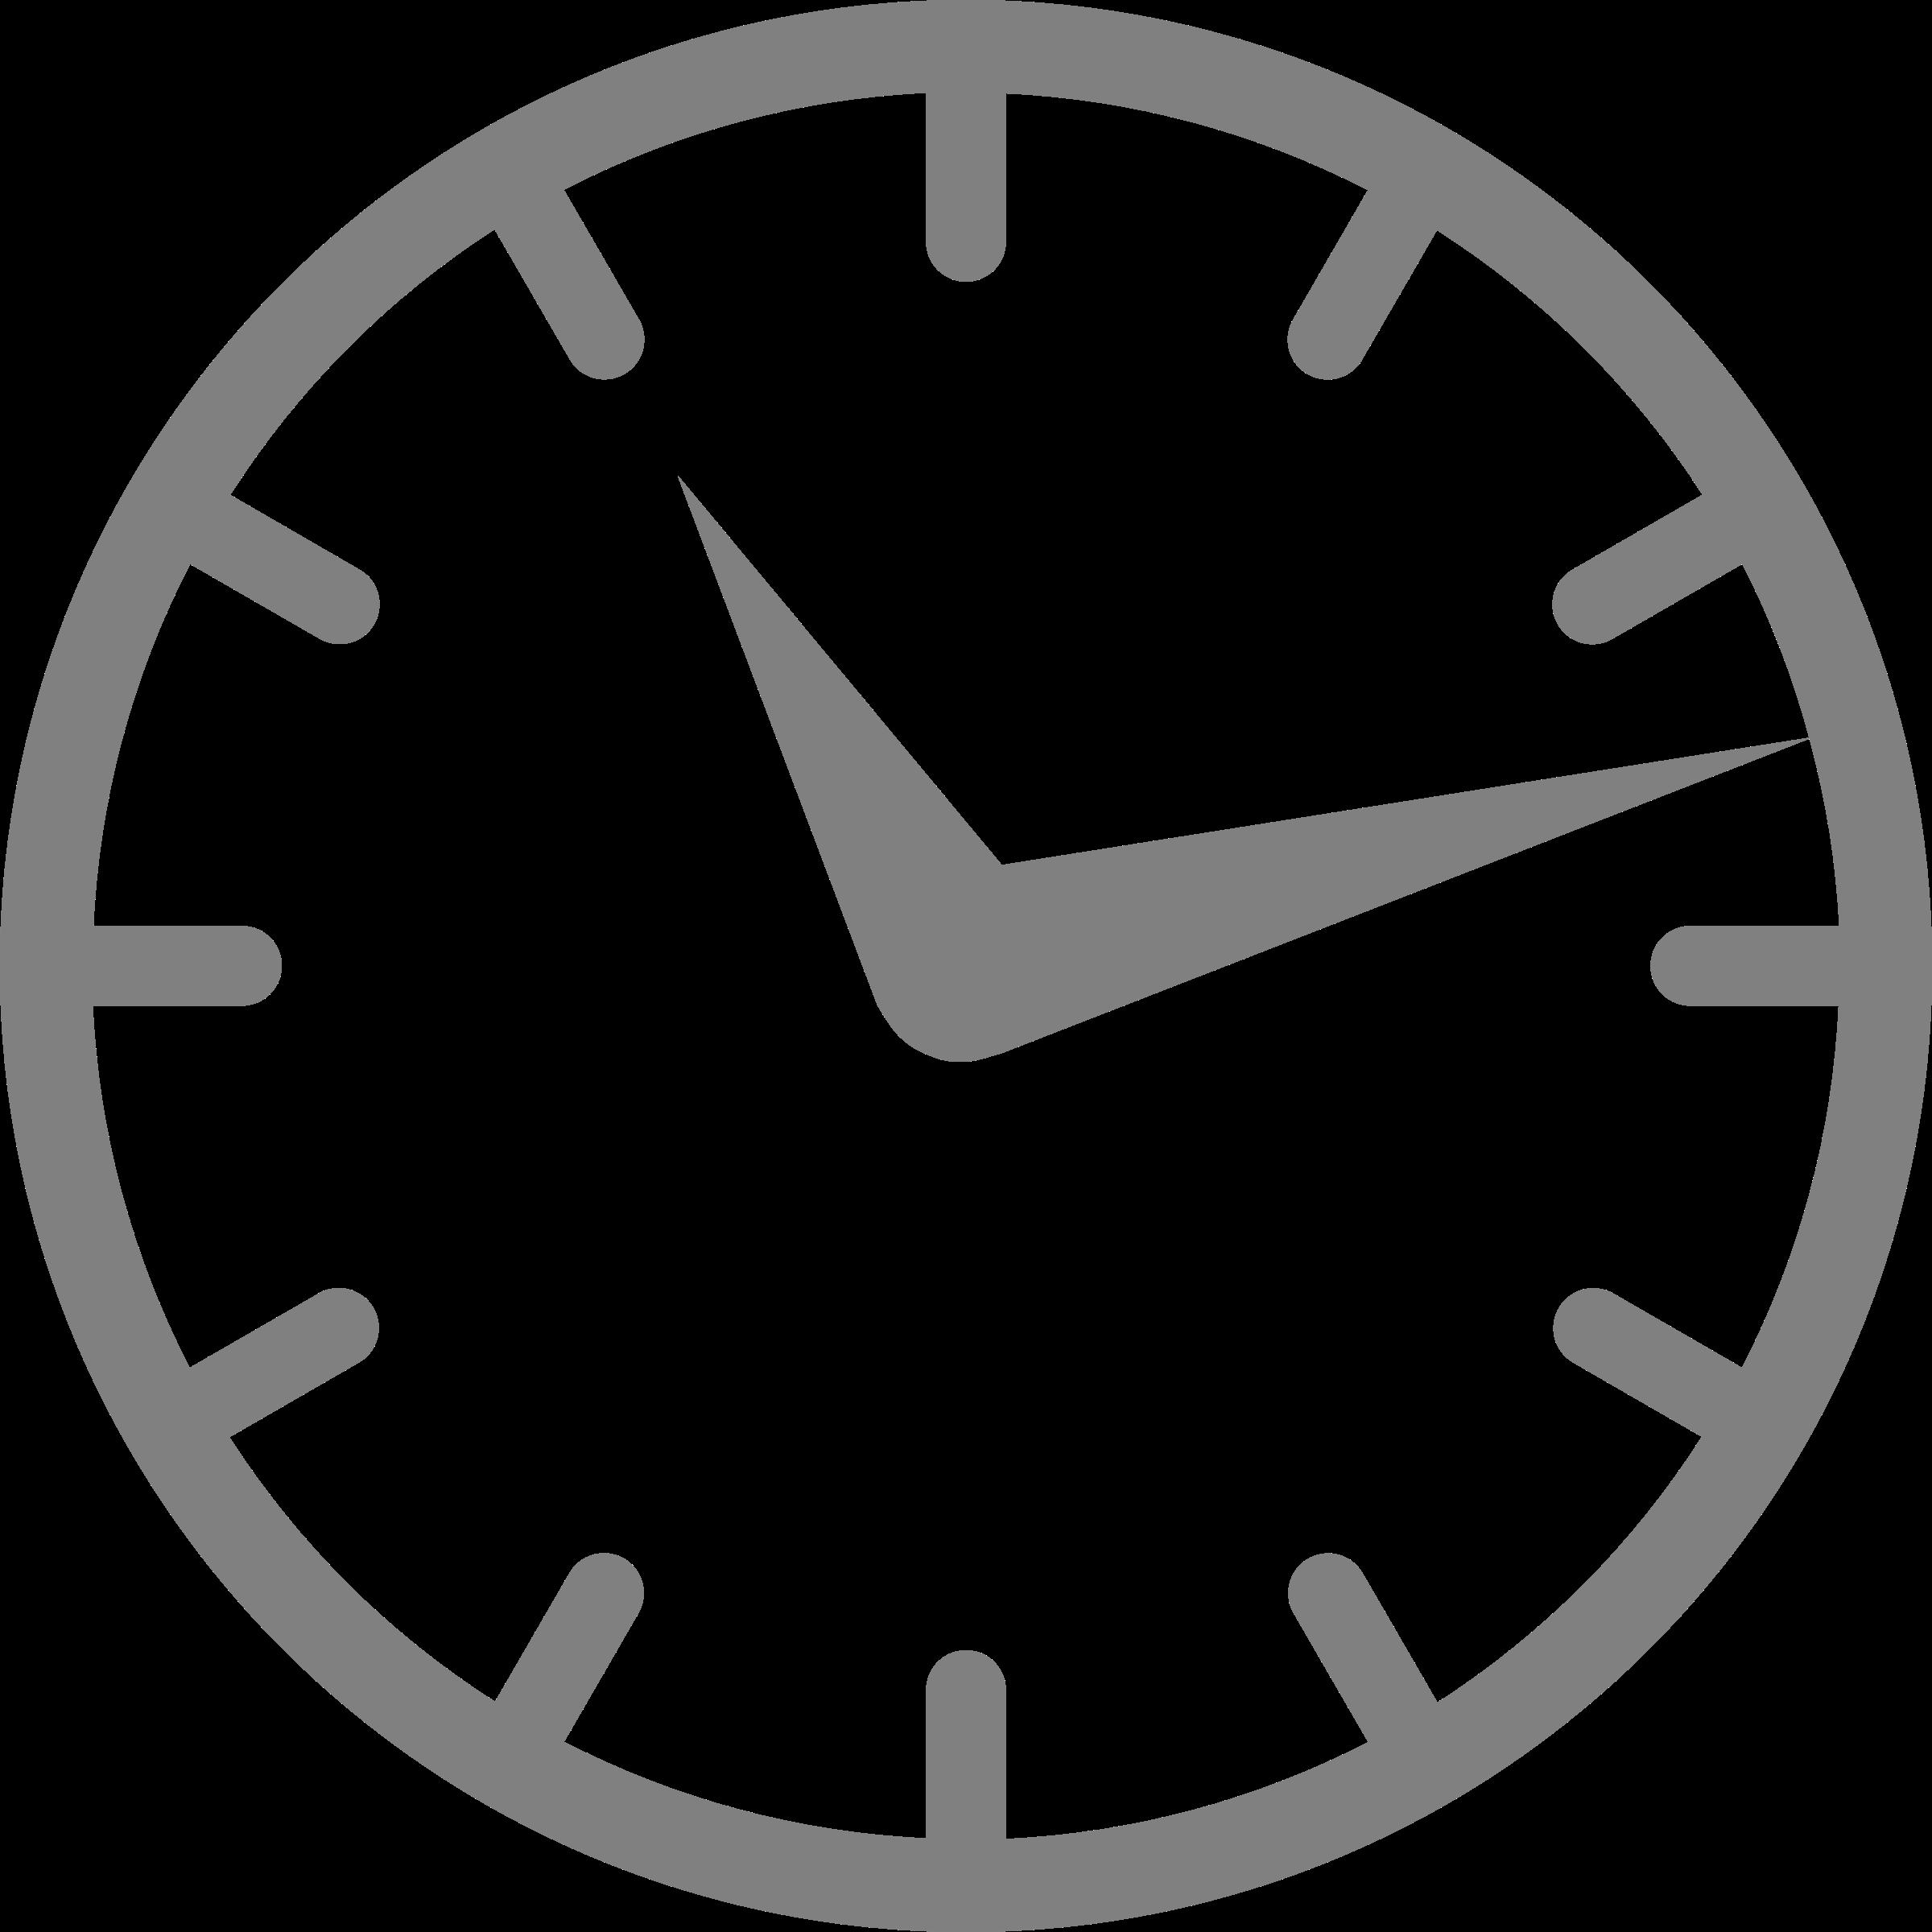 Clipart Clock.